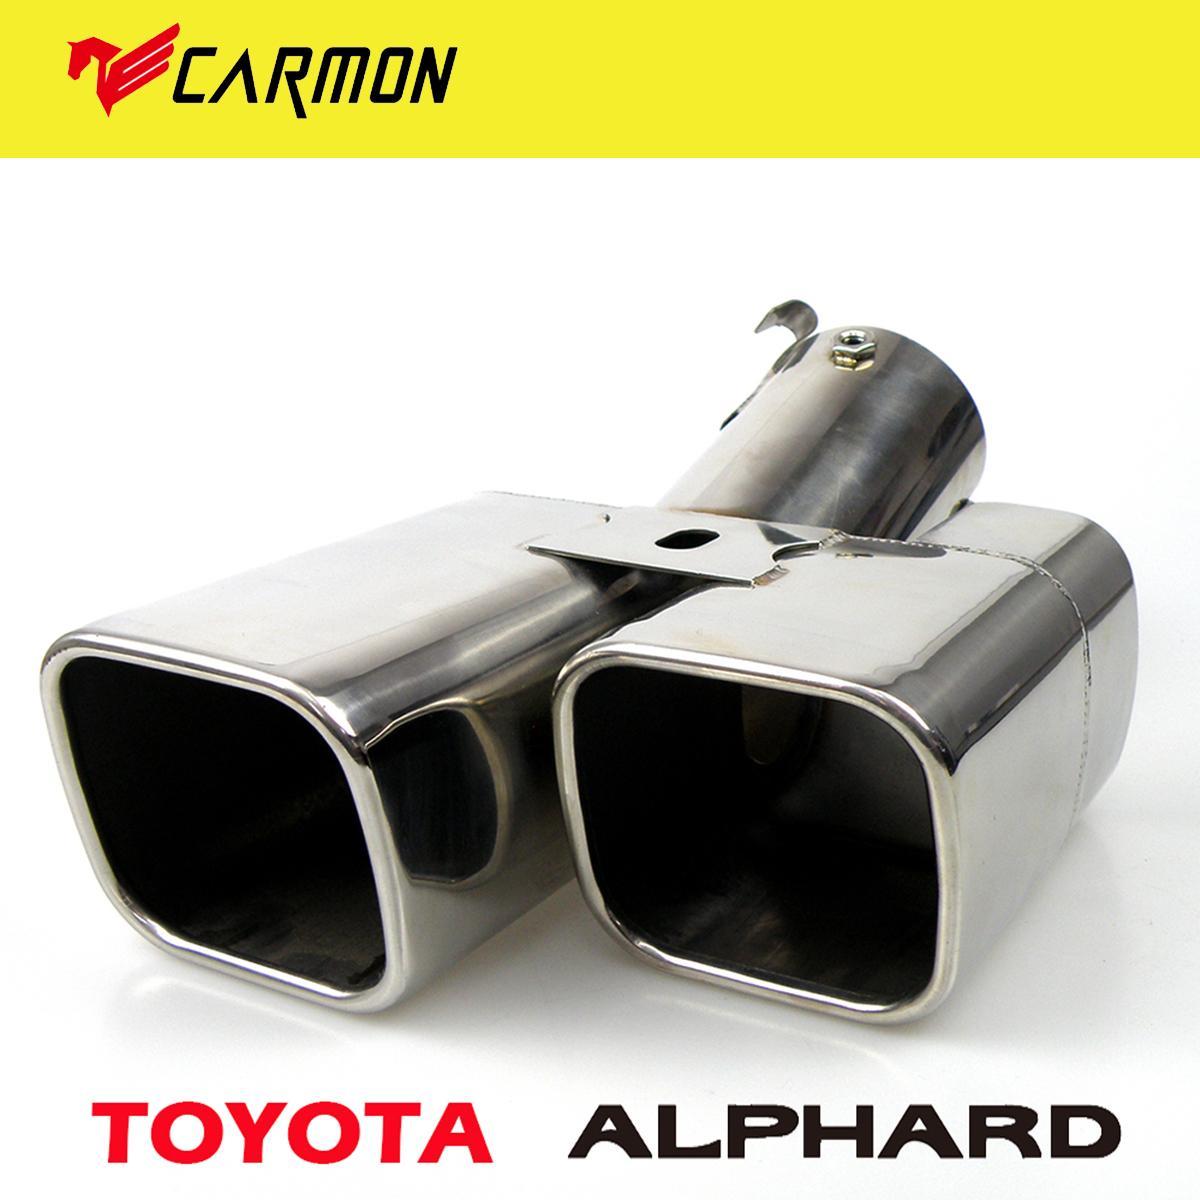 Kipalm ألفارد 1-2 أنابيب العادم المزدوجة 304 الفولاذ المقاوم للصدأ سيارات معدلة مؤخرة الذيل الحنجرة الخمار عن ألفارد